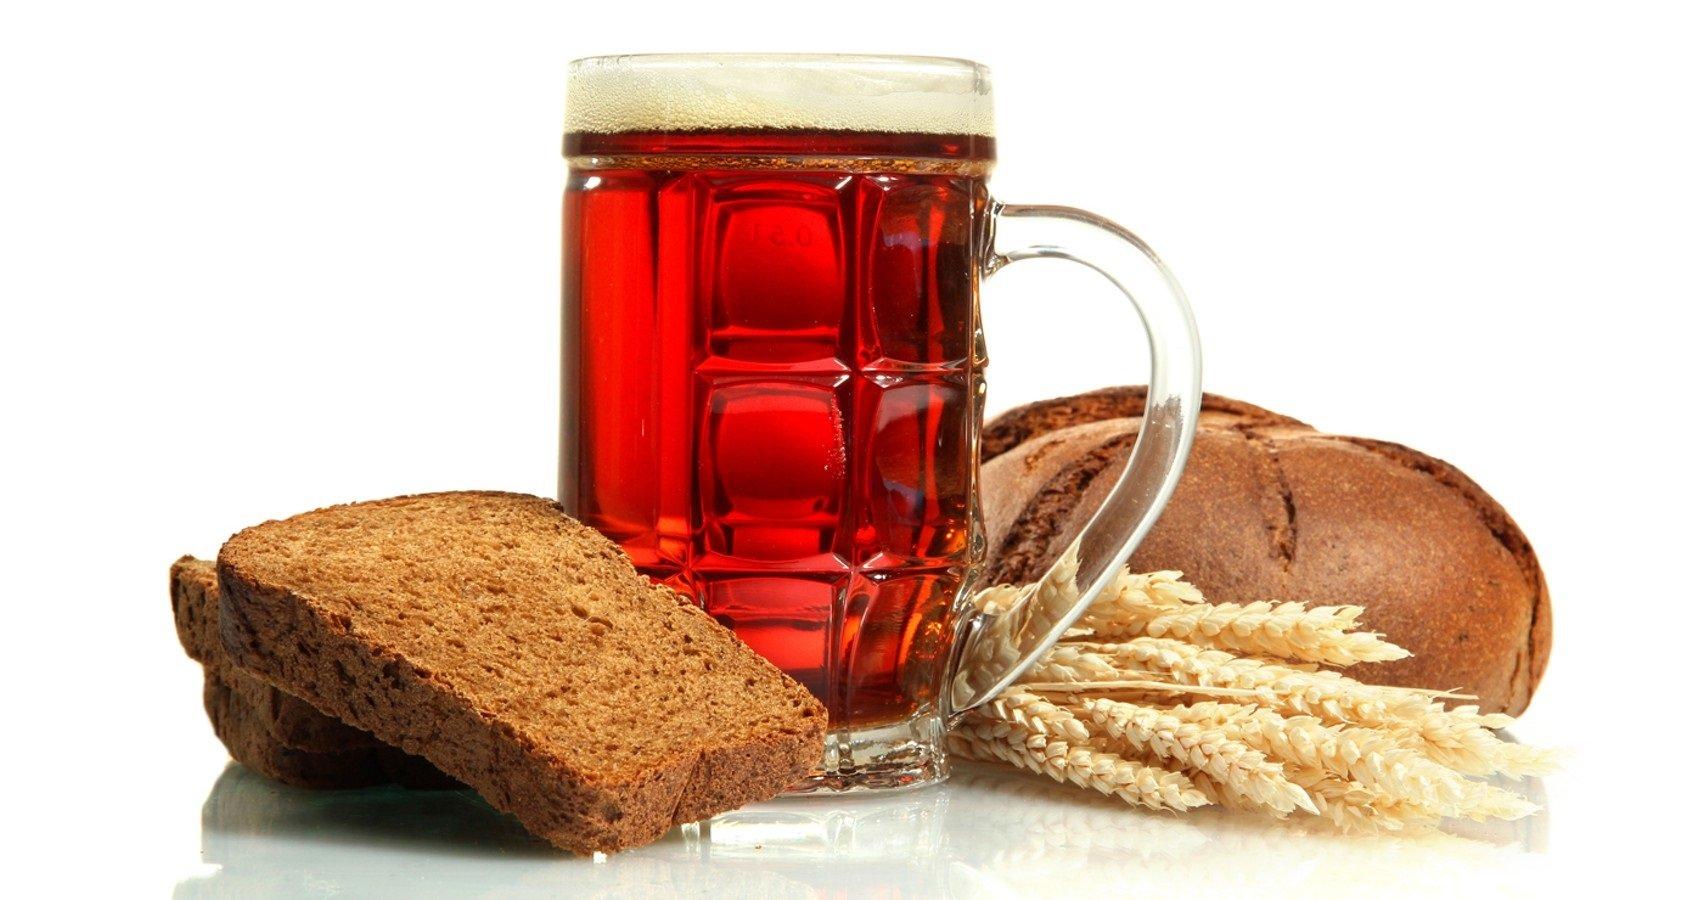 Хлебный квас – польза и вред: врачи рассказали, кому стоит отказаться от напитка - today.ua